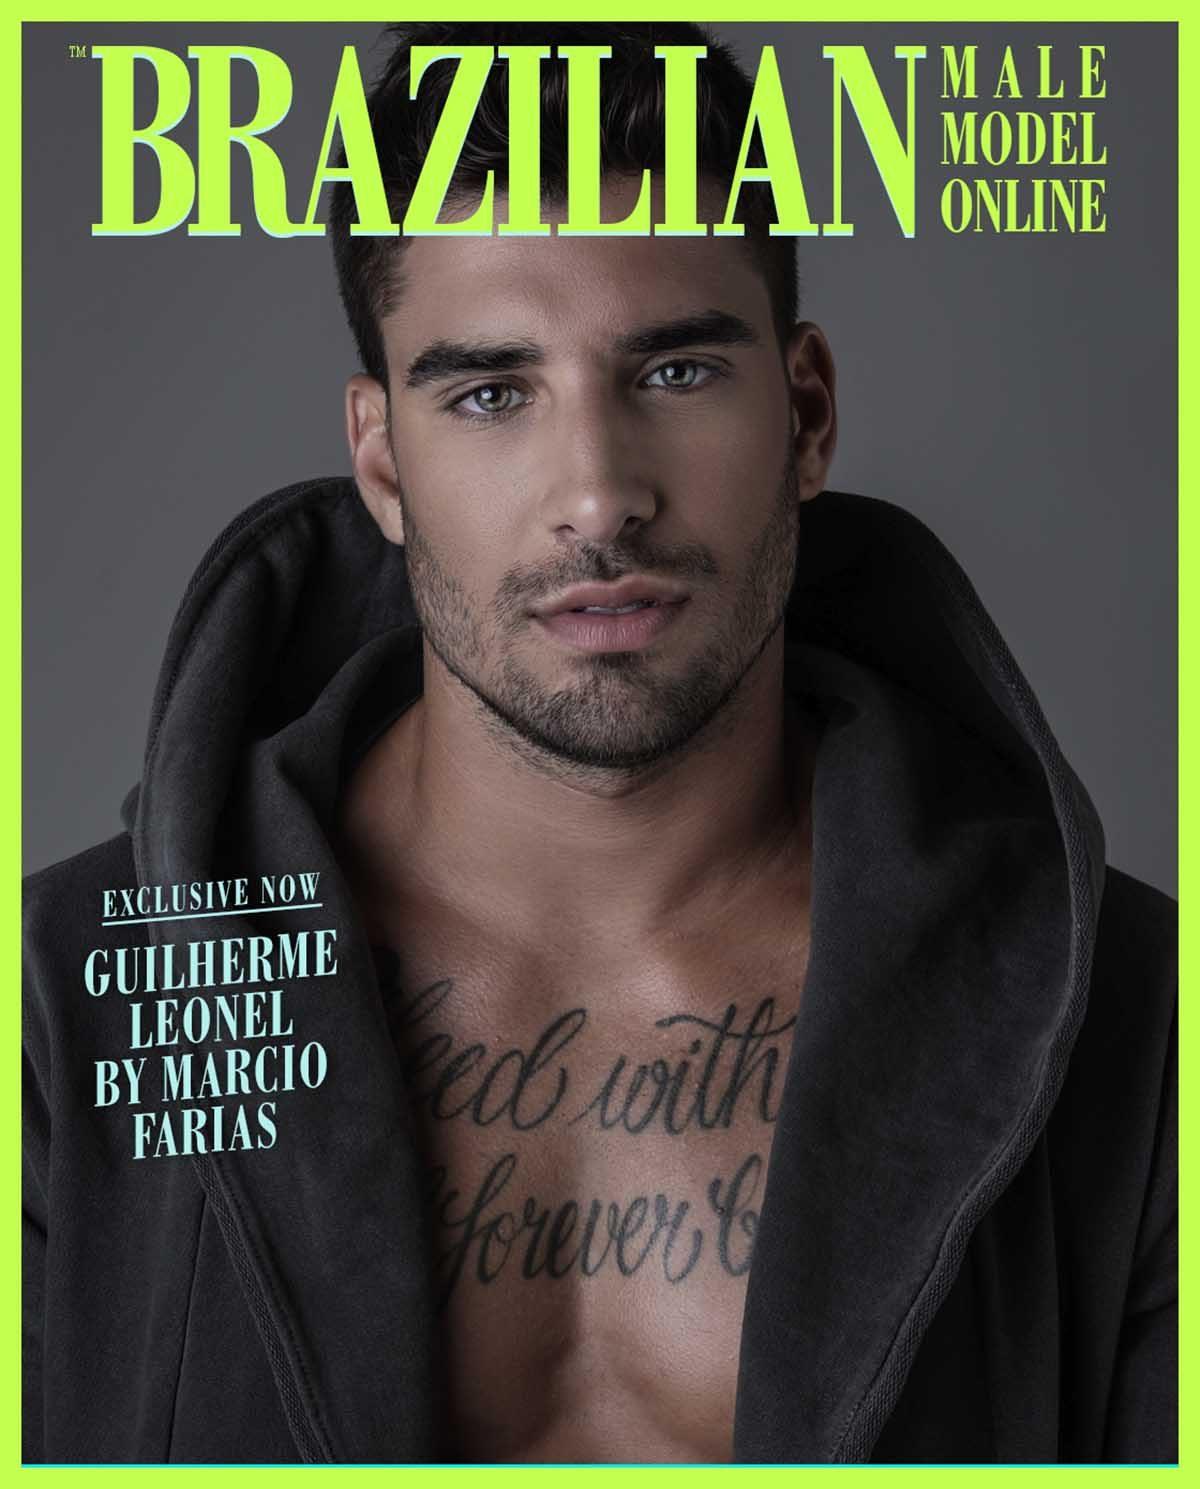 Guilherme Leonel by Marcio Farias